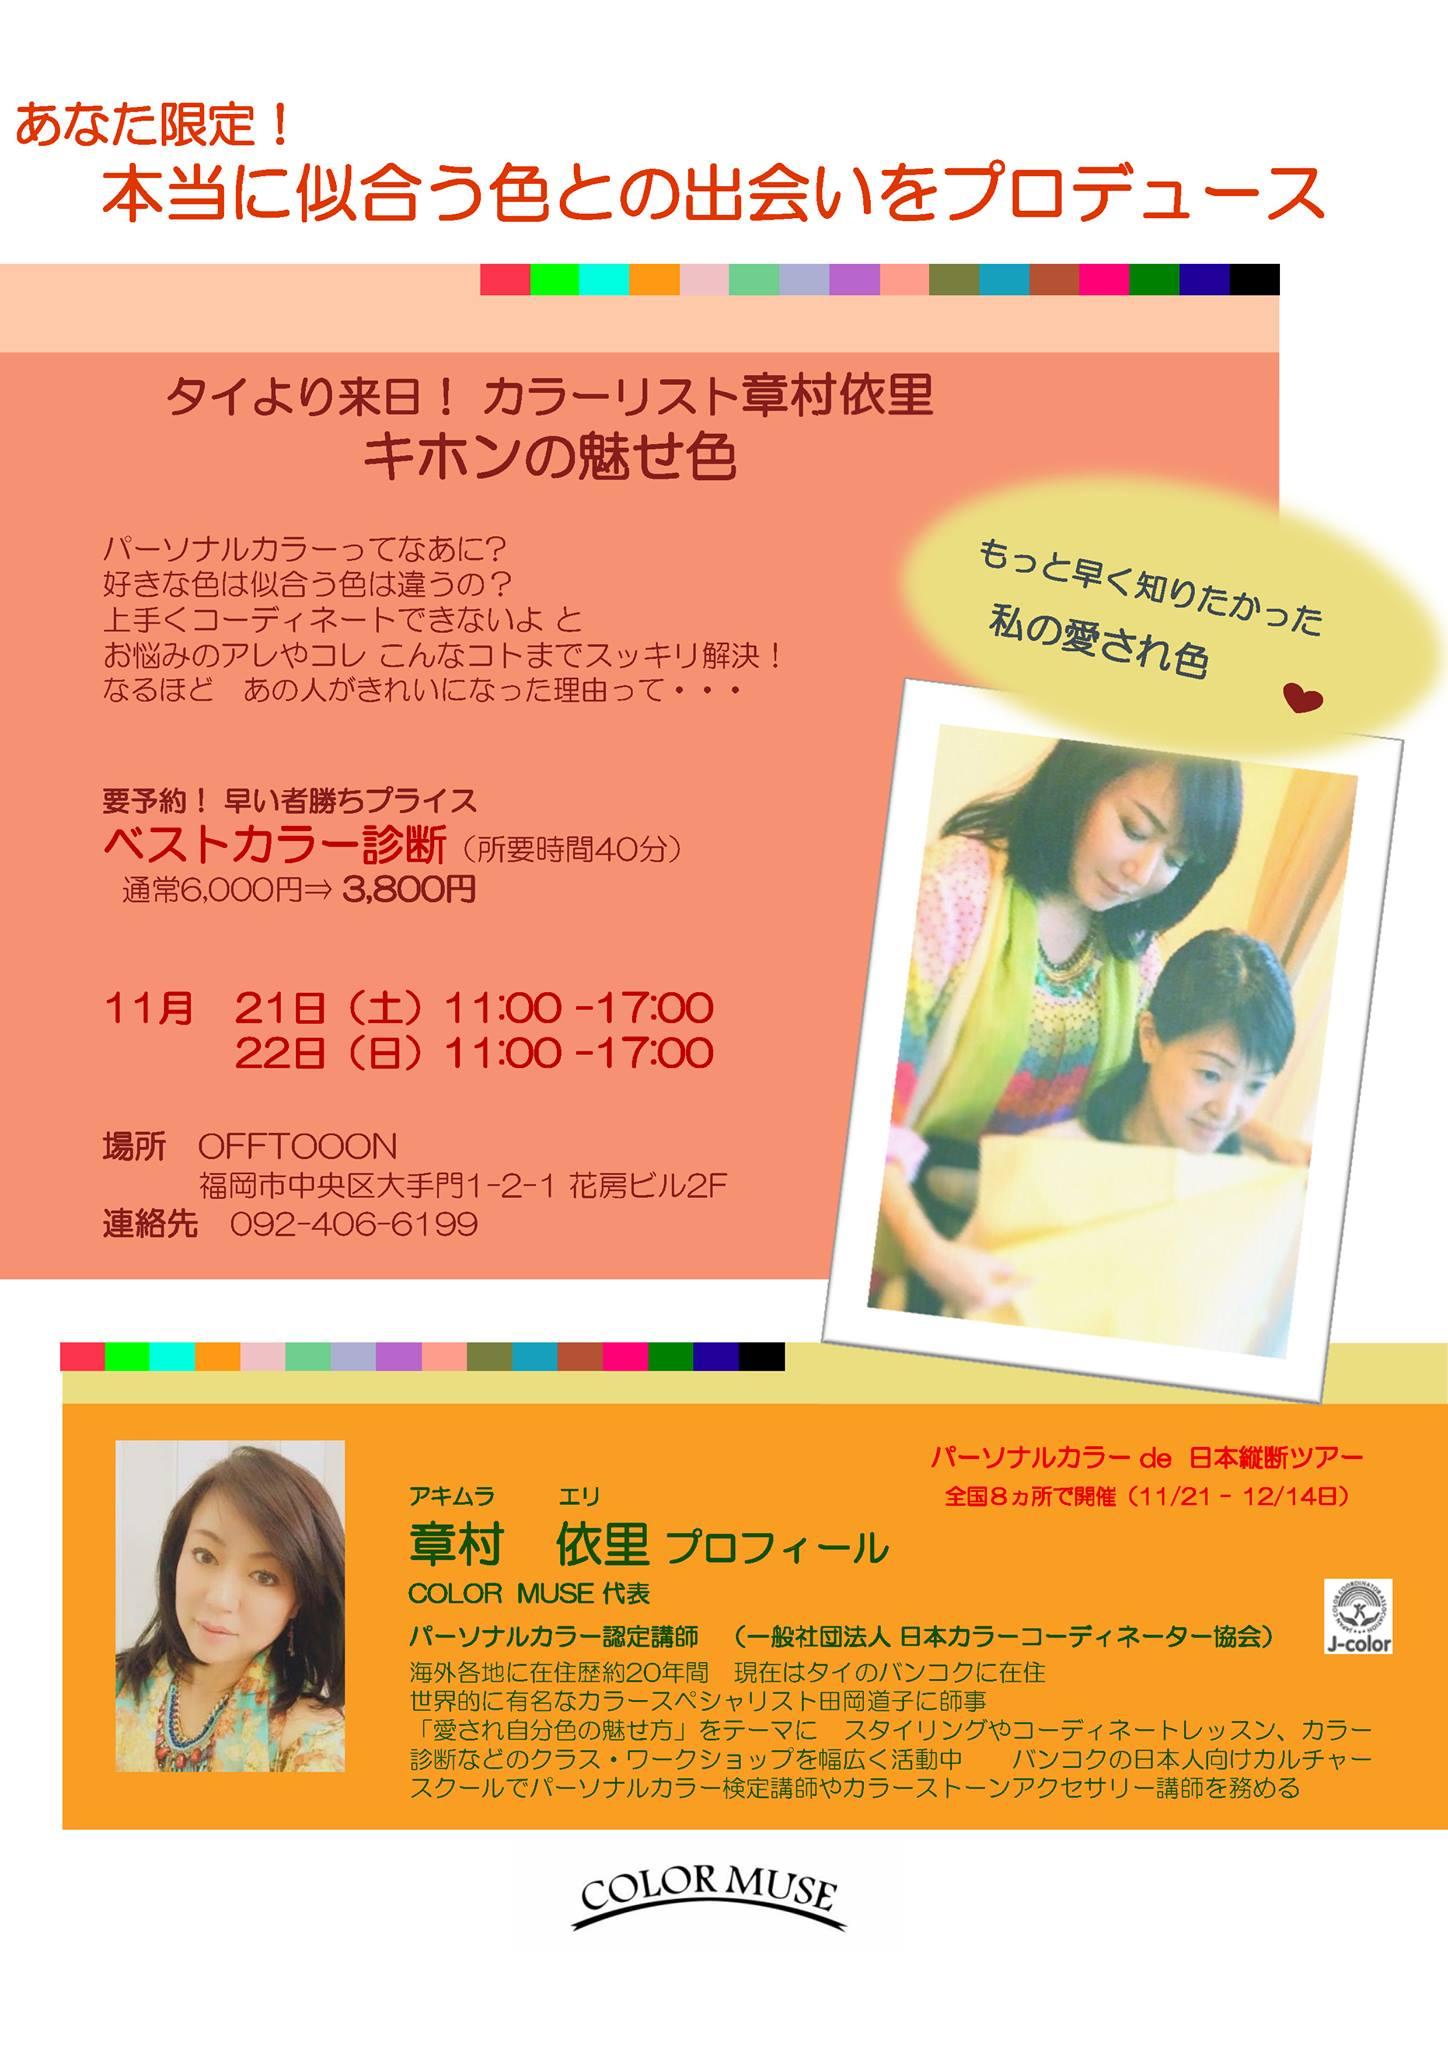 依里先生の「キホンの魅せ色」セミナー(11/21,22)